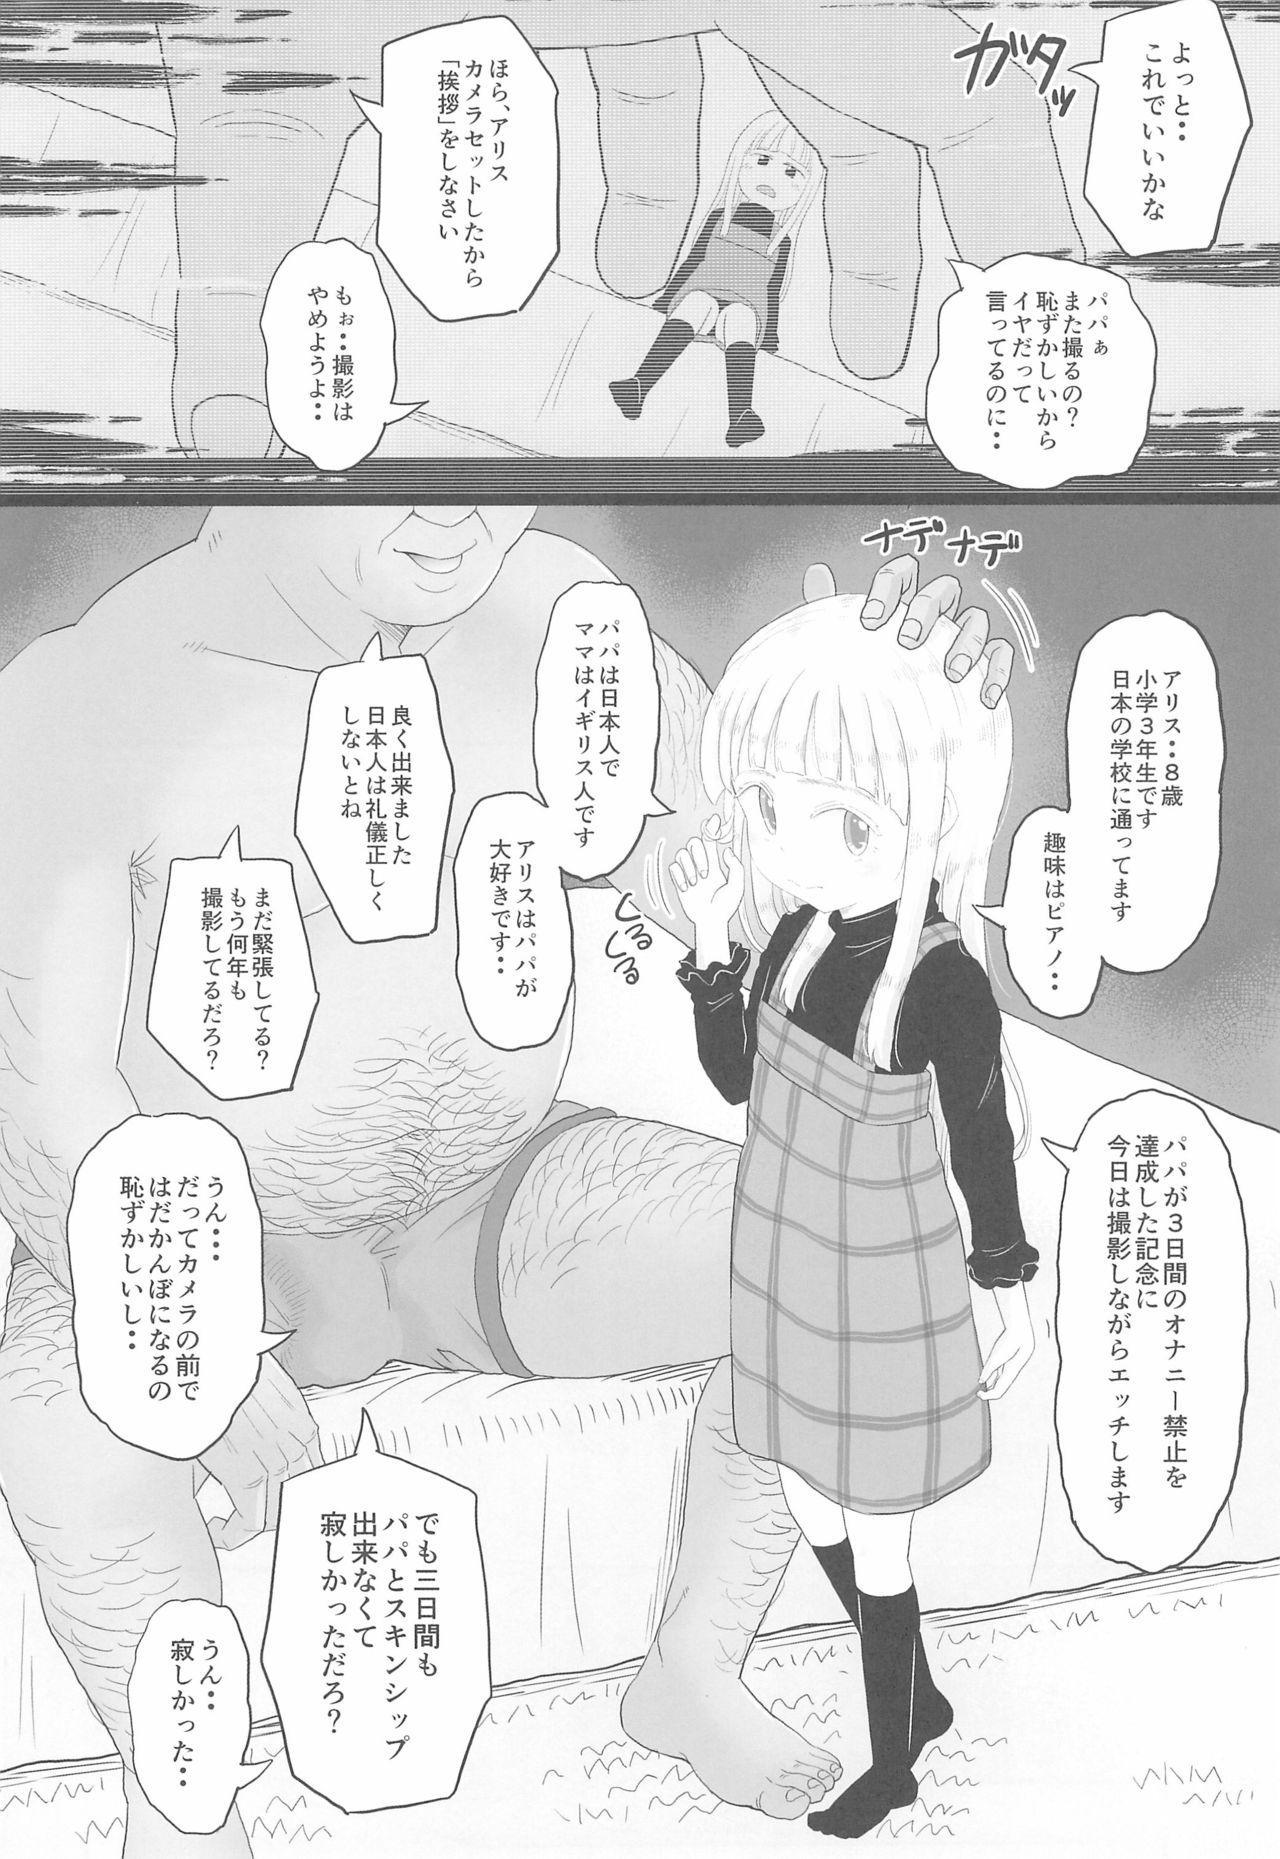 (C97) [botibotiikoka (takku)] Manamusume no Arisu-chan (8yo) ga Rippa na Chinpo-case ni Sodachimashita 3